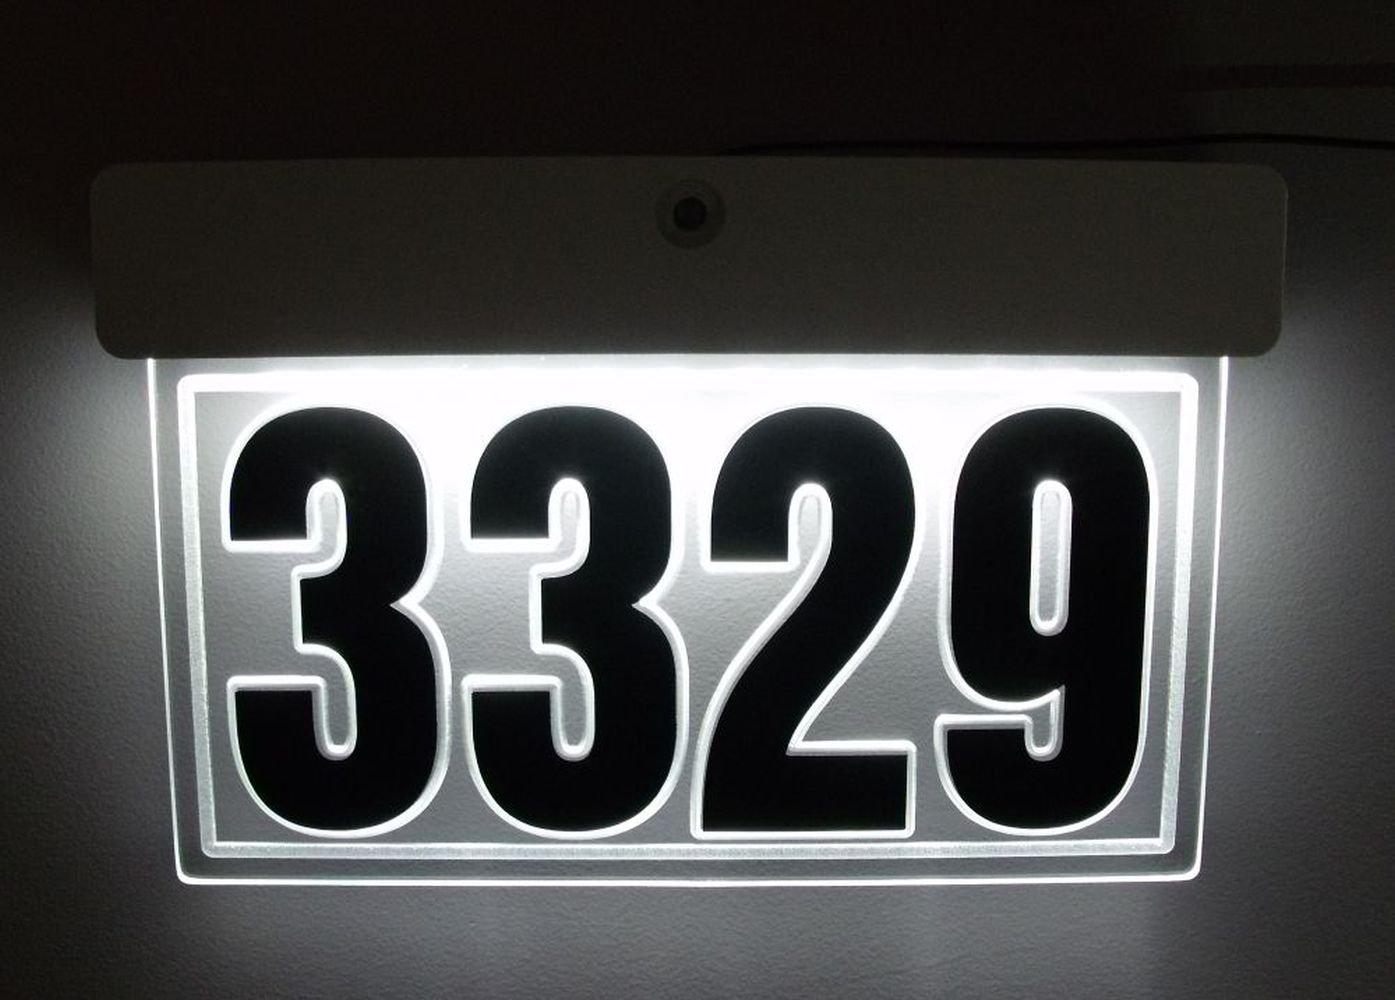 カスタムedge-lit LEDアクリルアドレスSign Lighted家番号IlluminatedアドレスSign LED照明付きアドレスPlaque B06XD13F1J